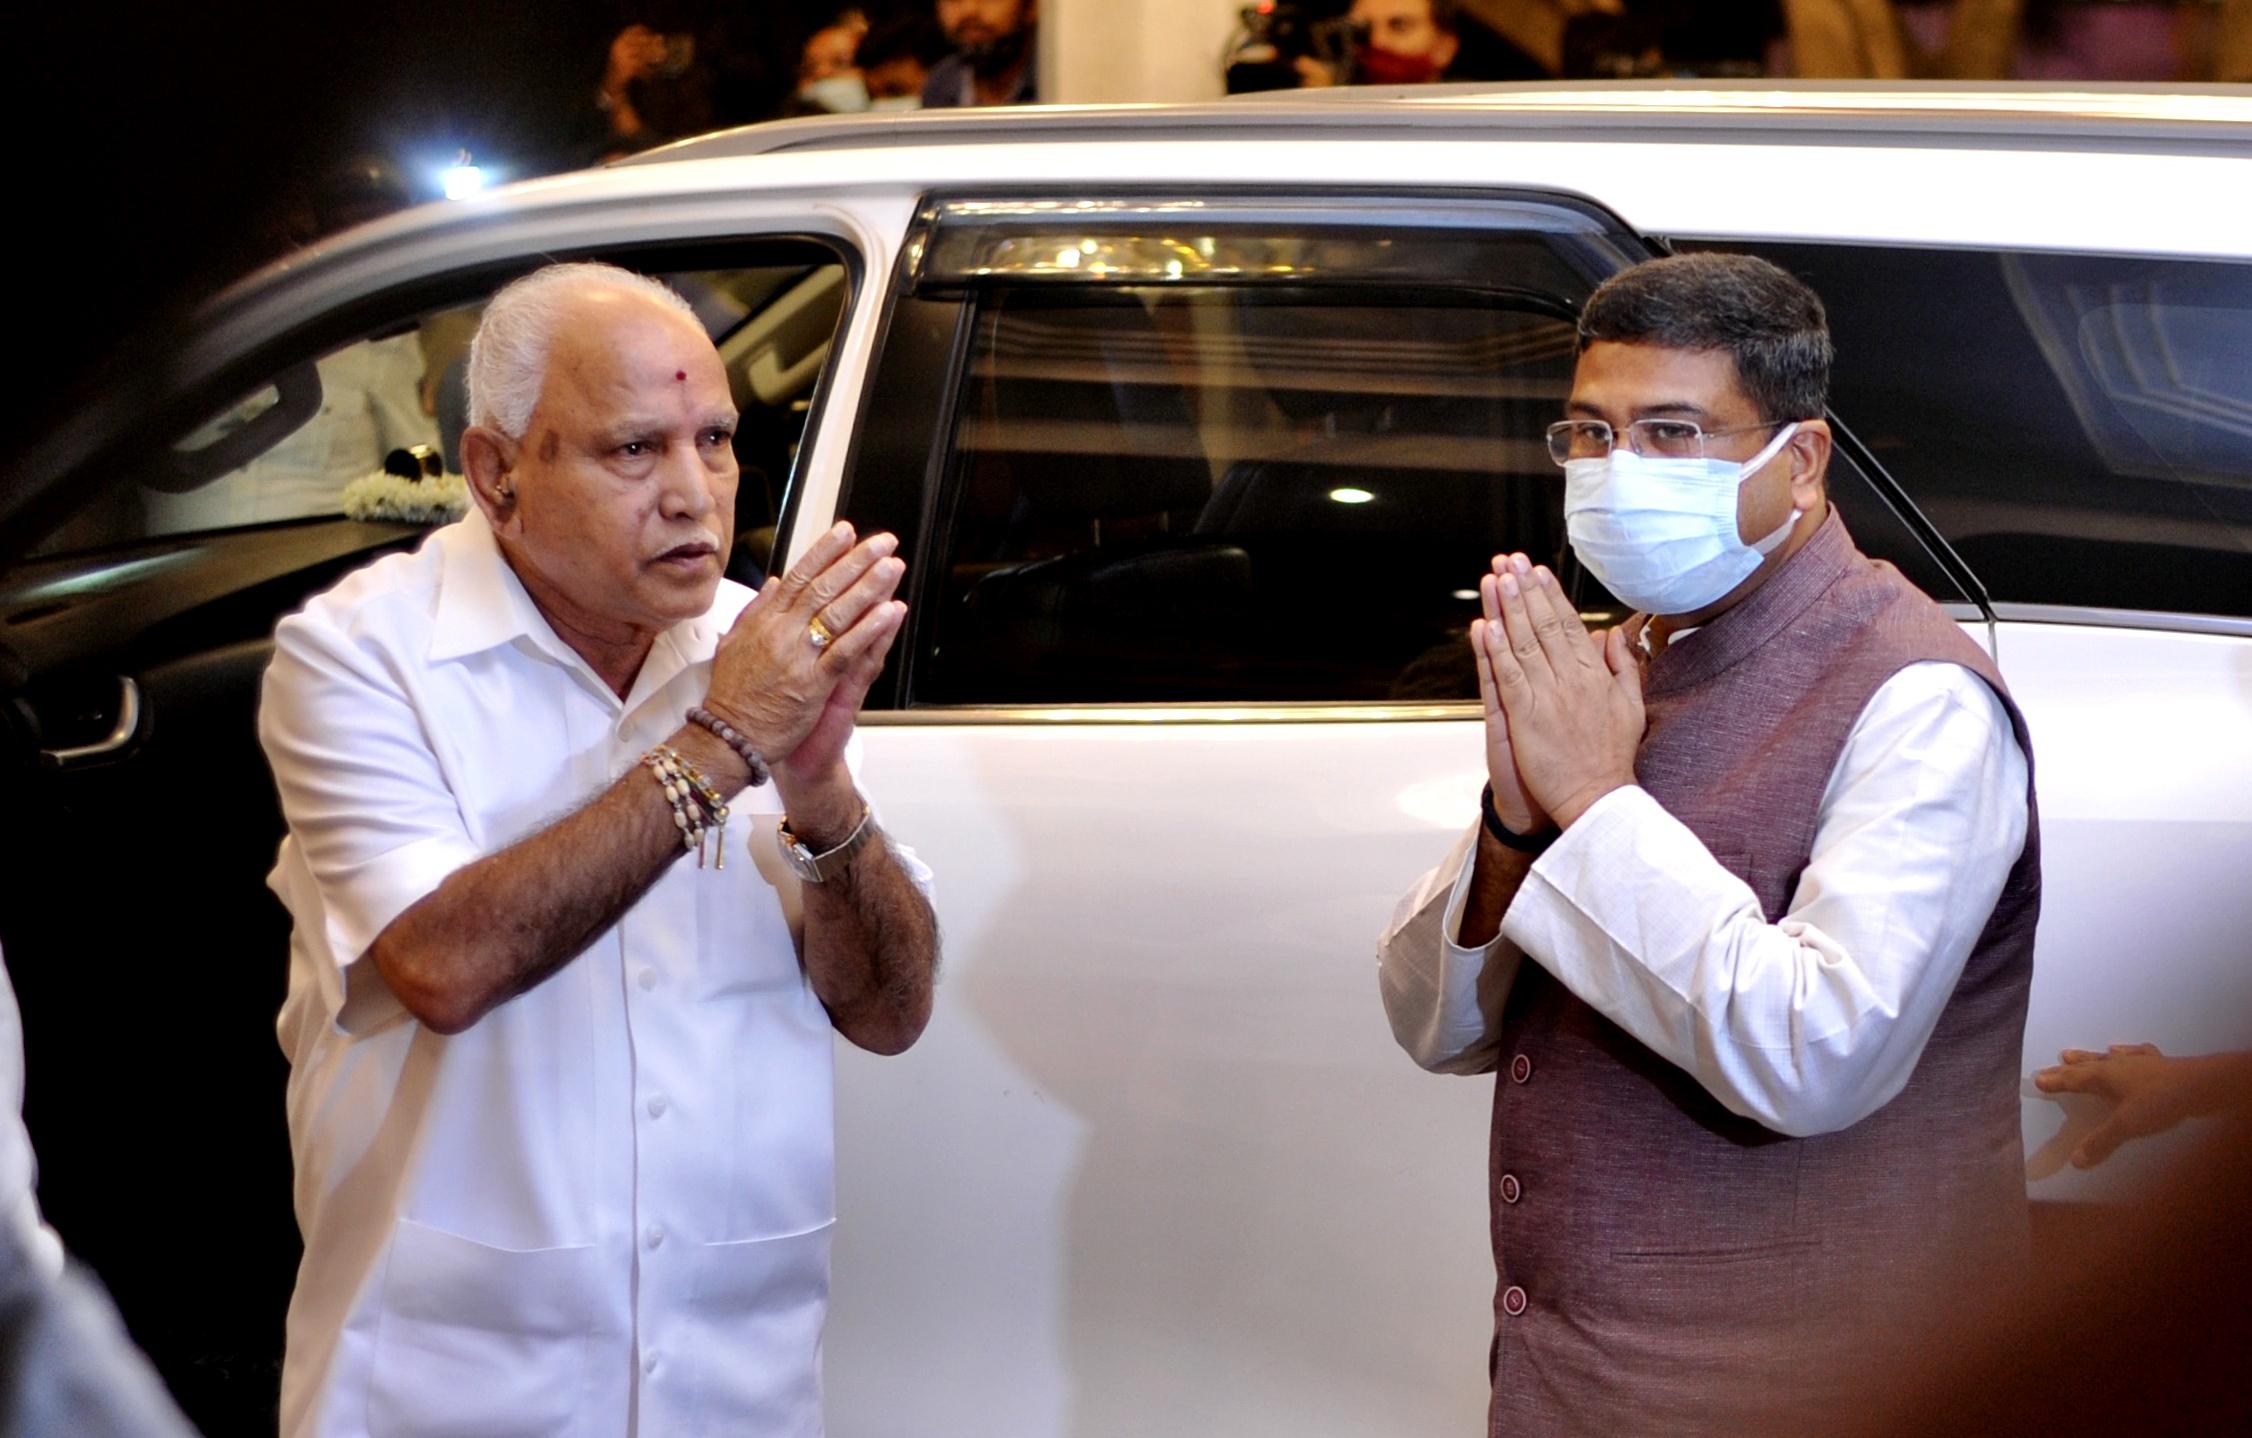 कर्नाटक के प्रभारी जी किशन रेड्डी, केंद्रीय मंत्री धर्मेंद्र प्रधान, कर्नाटक भाजपा अध्यक्ष नलिन कुमार कतिल, पूर्व मुख्यमंत्री येदियुरप्पा समेत राज्य के कई बड़े नेता बैठक में शामिल थे।